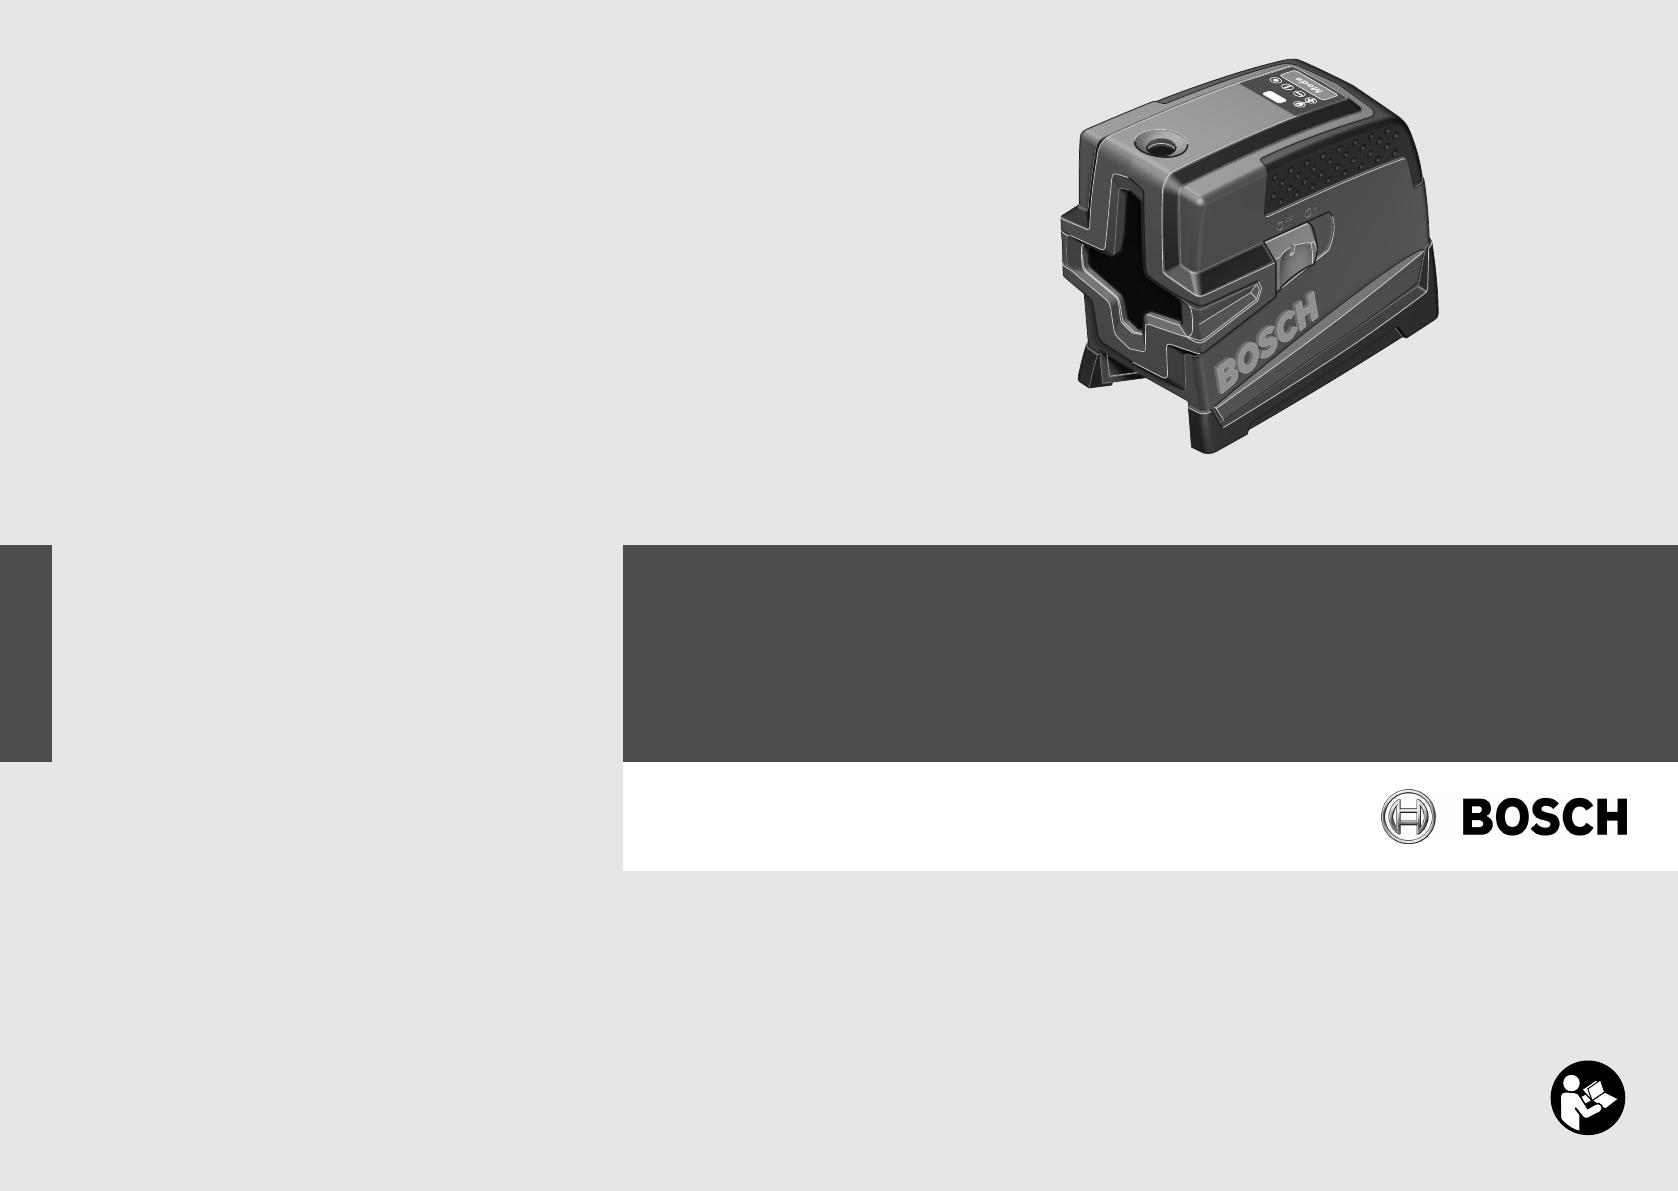 Bosch Kühlschrank Bedienungsanleitung : Bedienungsanleitung bosch pcl 20 seite 1 von 72 dänisch deutsch